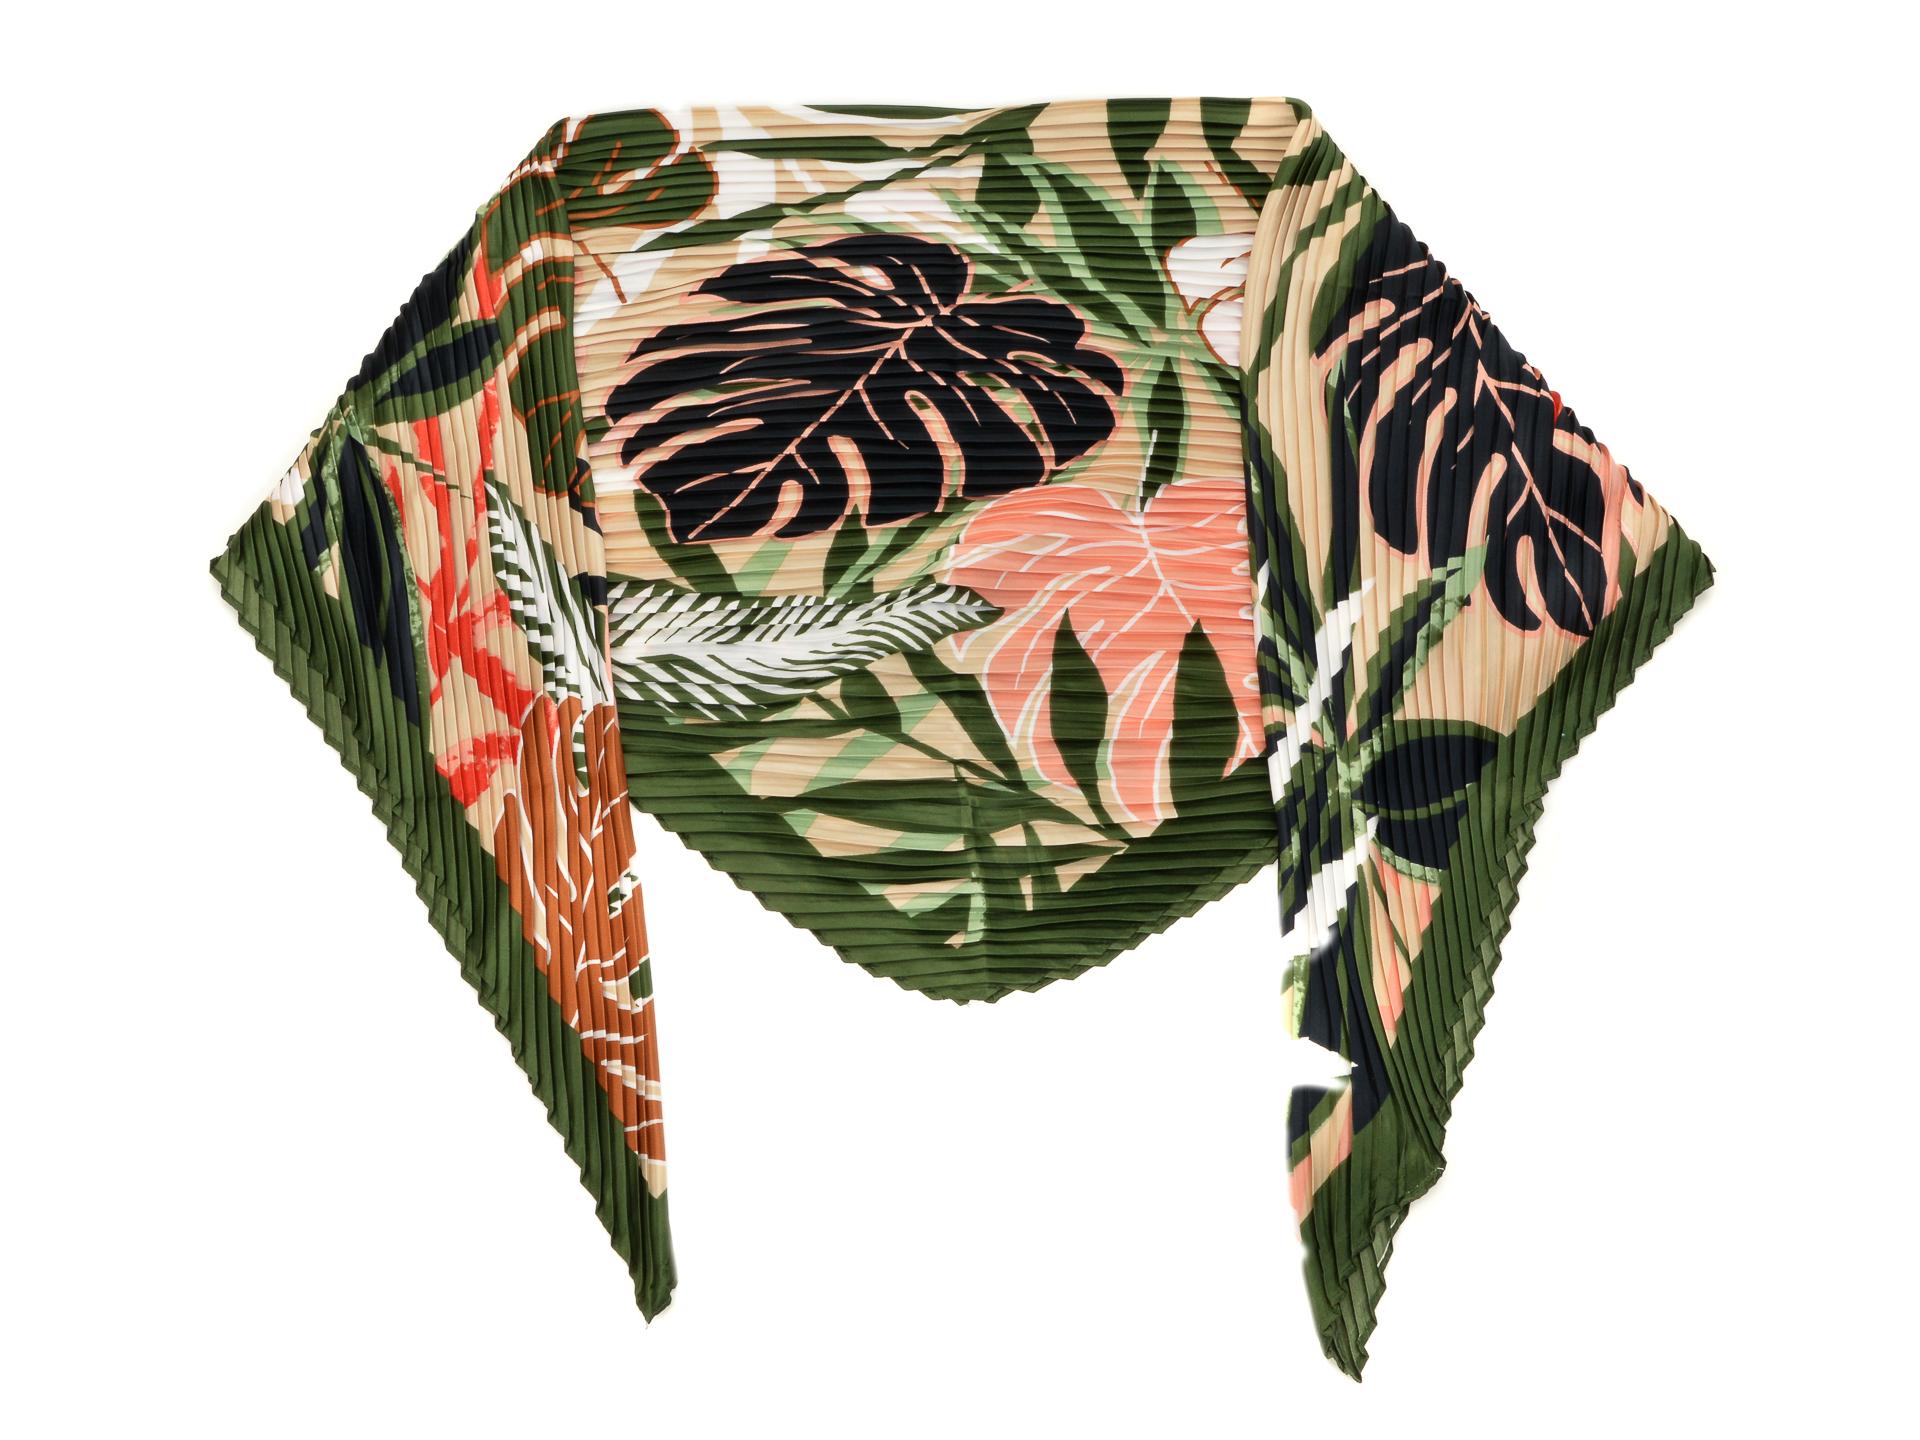 Esarfa ALDO kaki, Mullet250, din material textil imagine